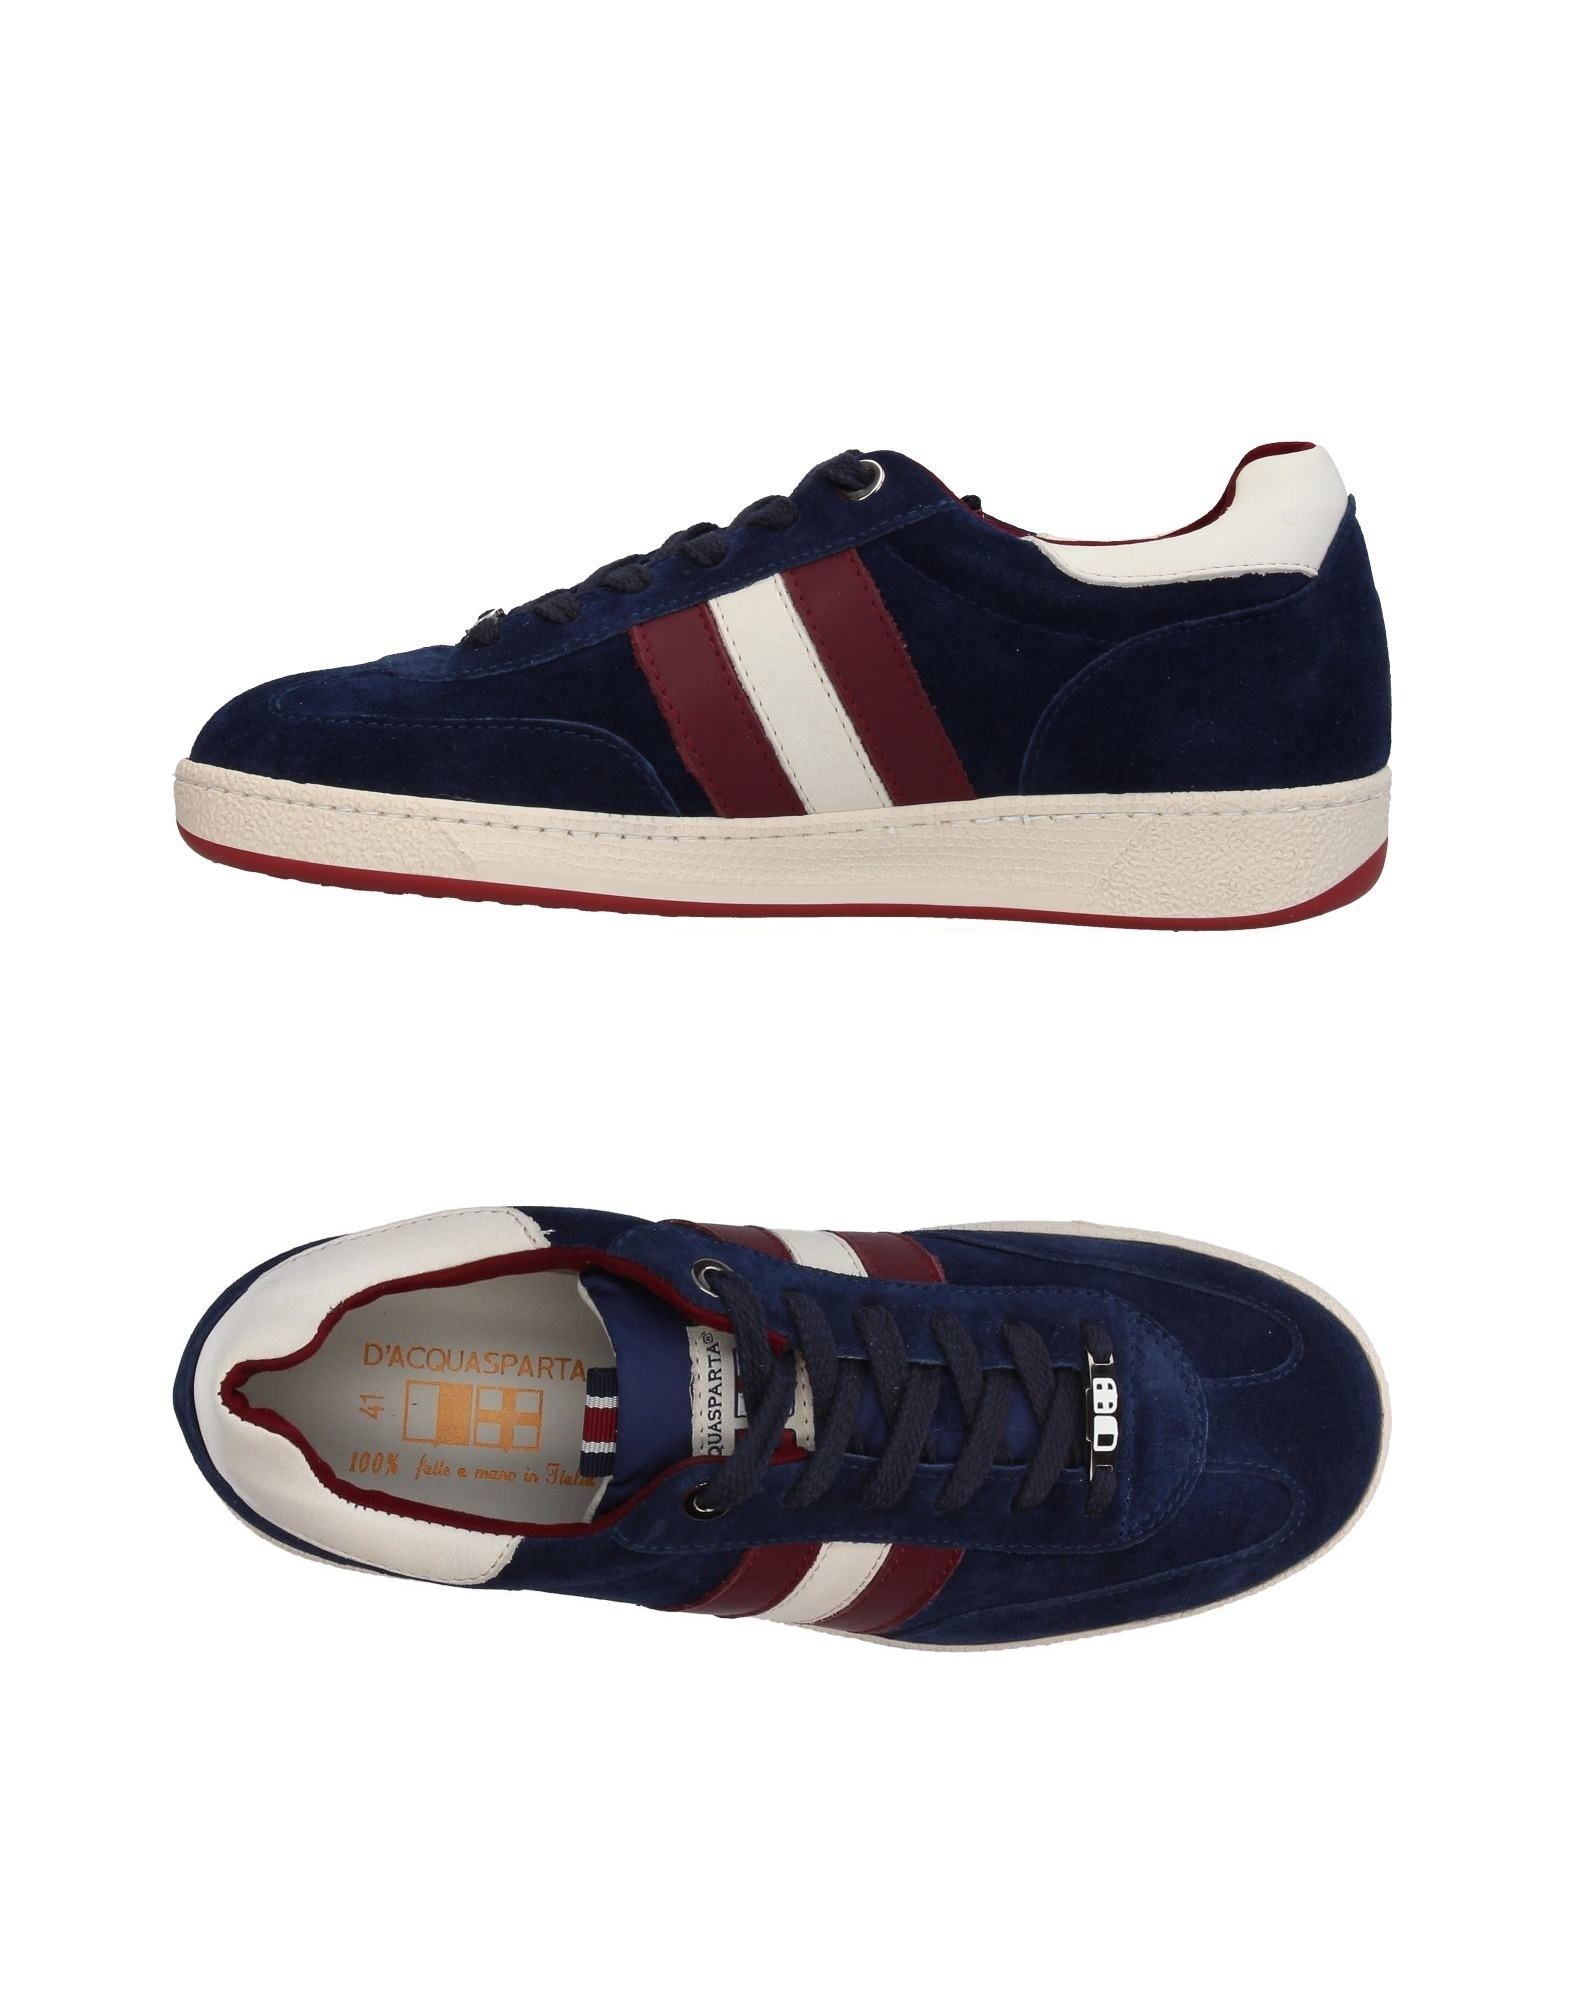 Scarpe economiche e resistenti Sneakers D'Acquasparta Uomo - 11390176TW